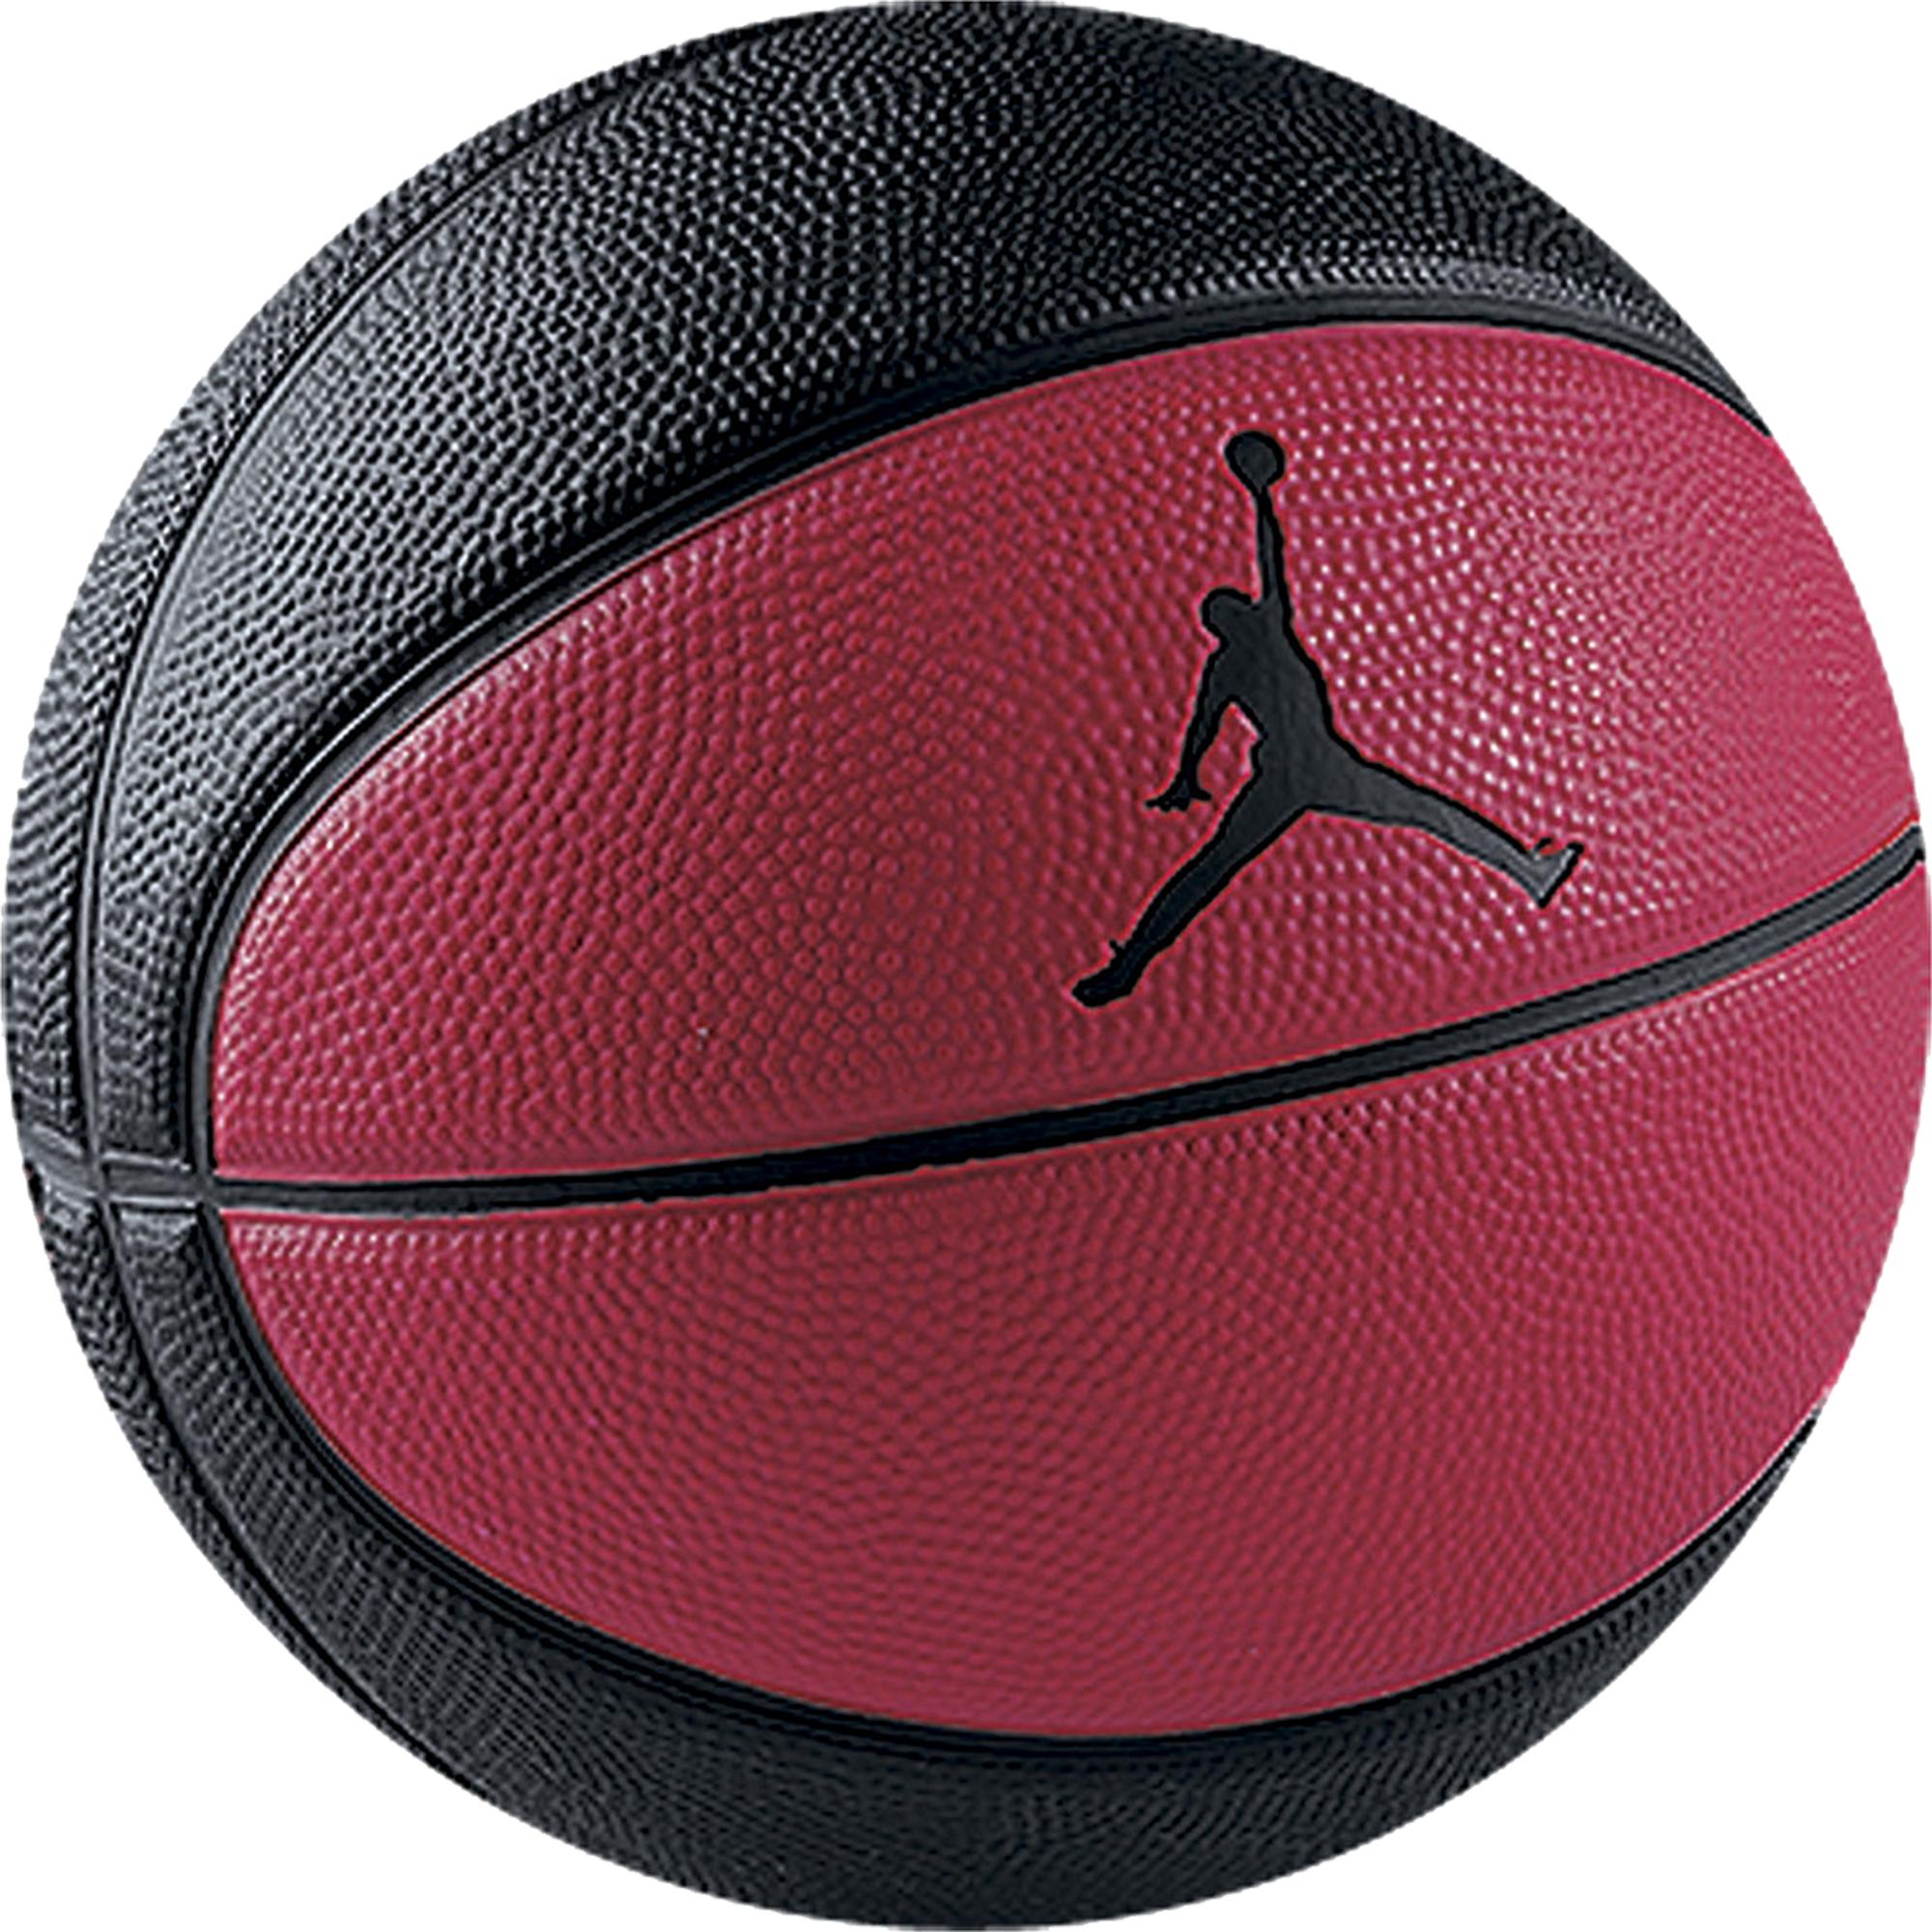 Basketbälle Kaufen